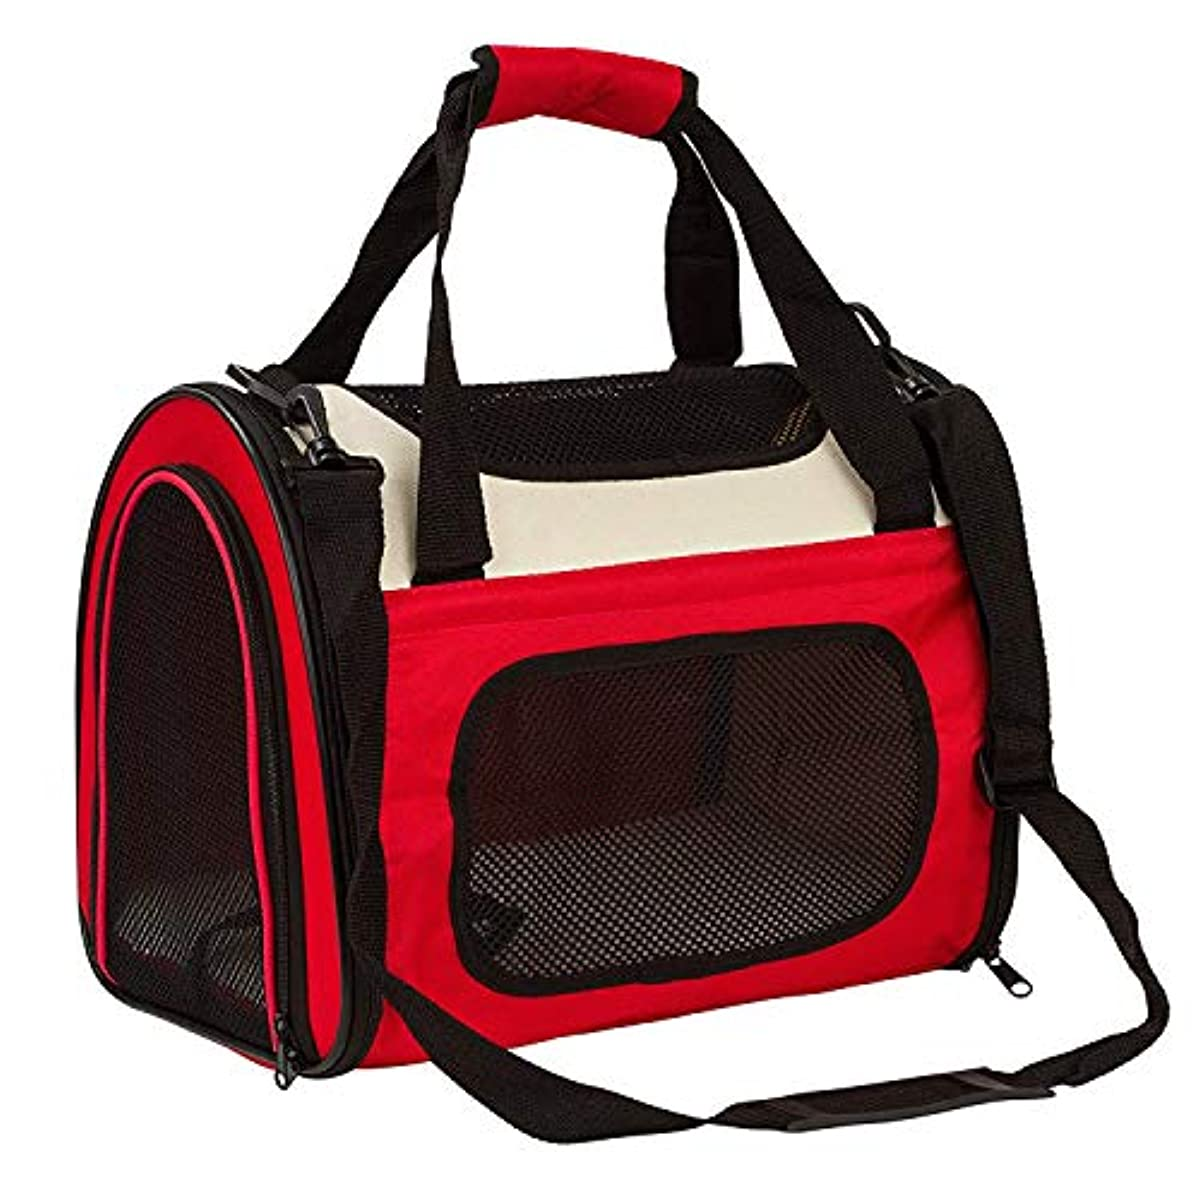 [해외] PETTOM 애완동물 캐리접이식 소프트 메쉬 3WAY 이동가방